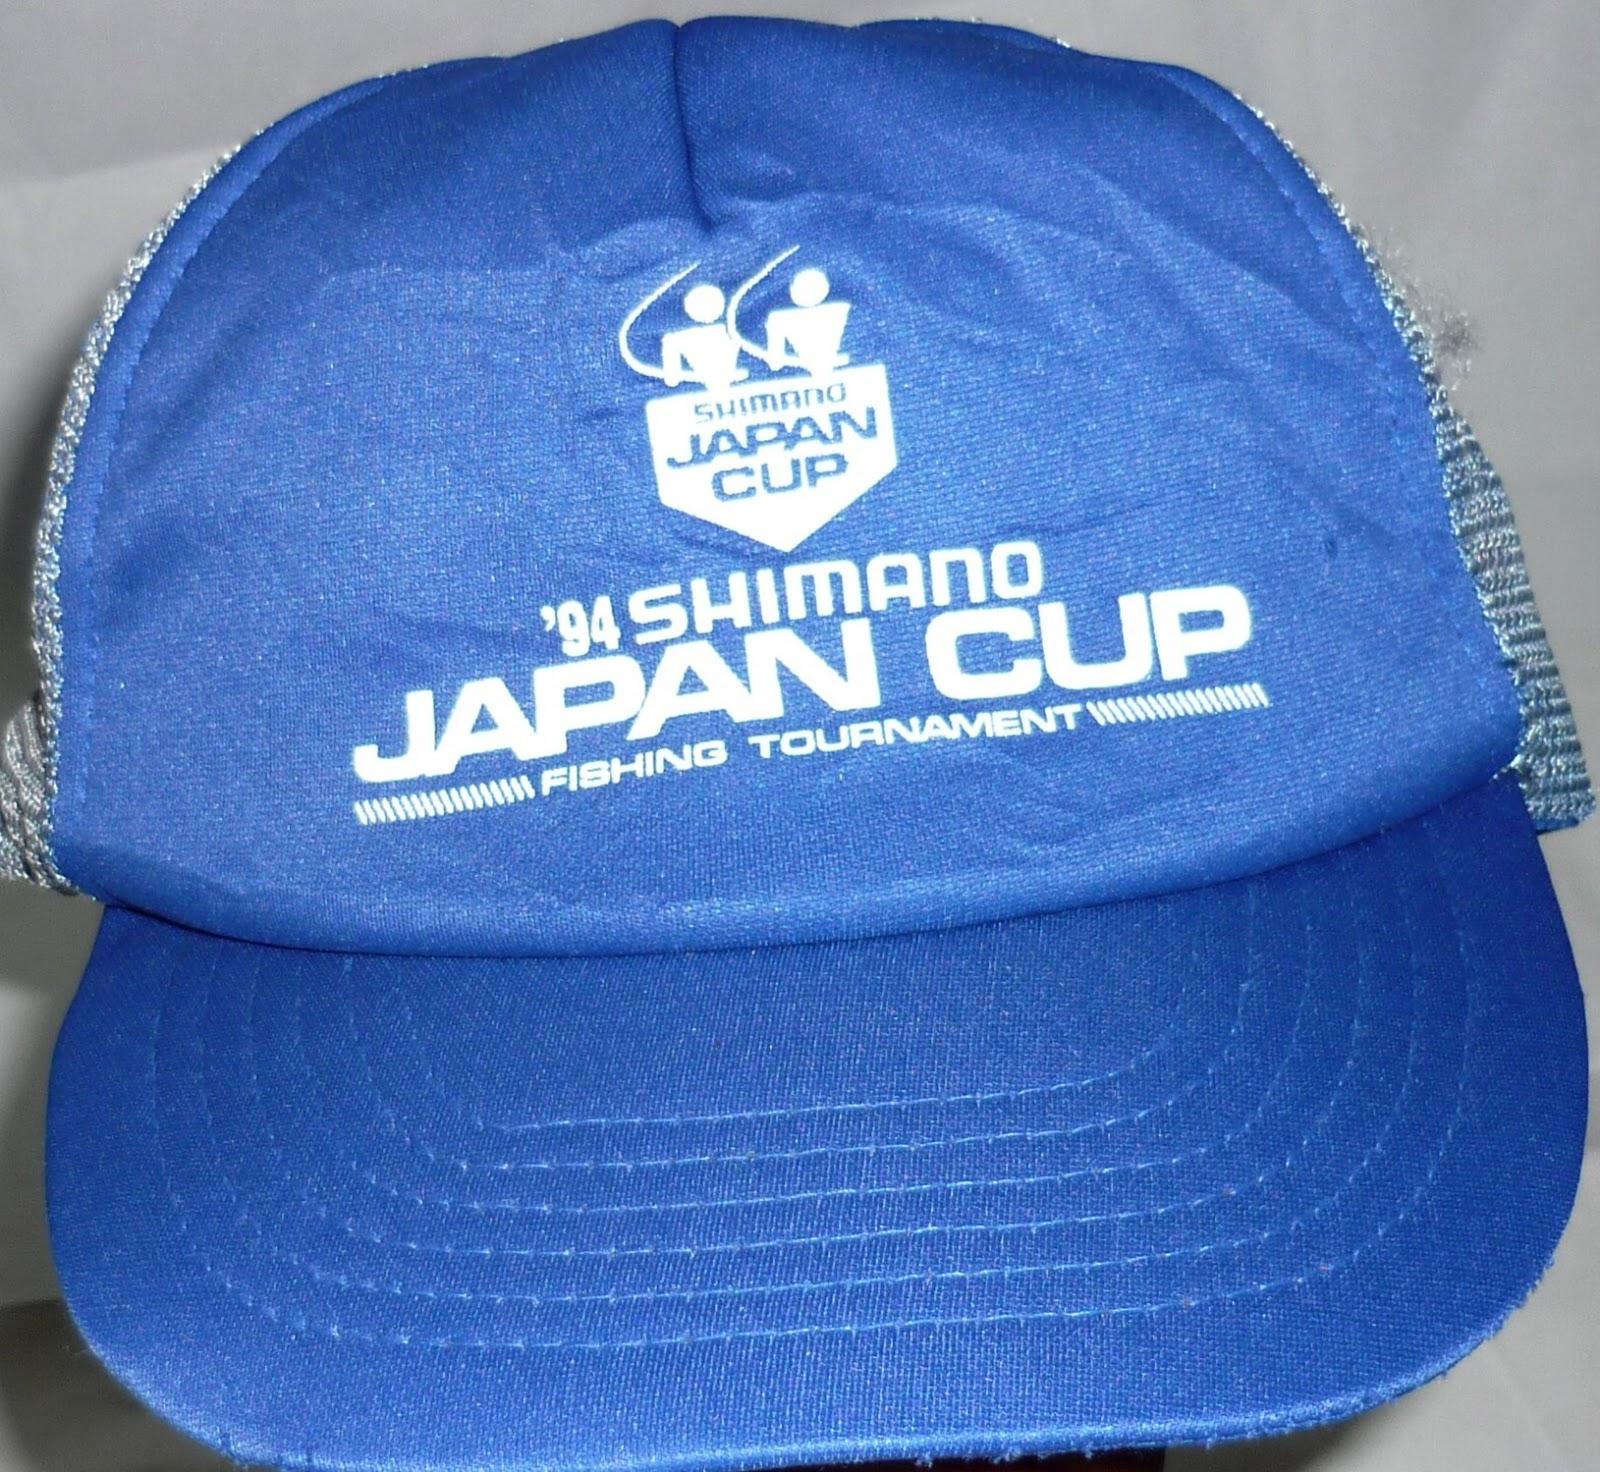 fff09cdbf8e SHIMANO japan cup fishing tournament 94 cap